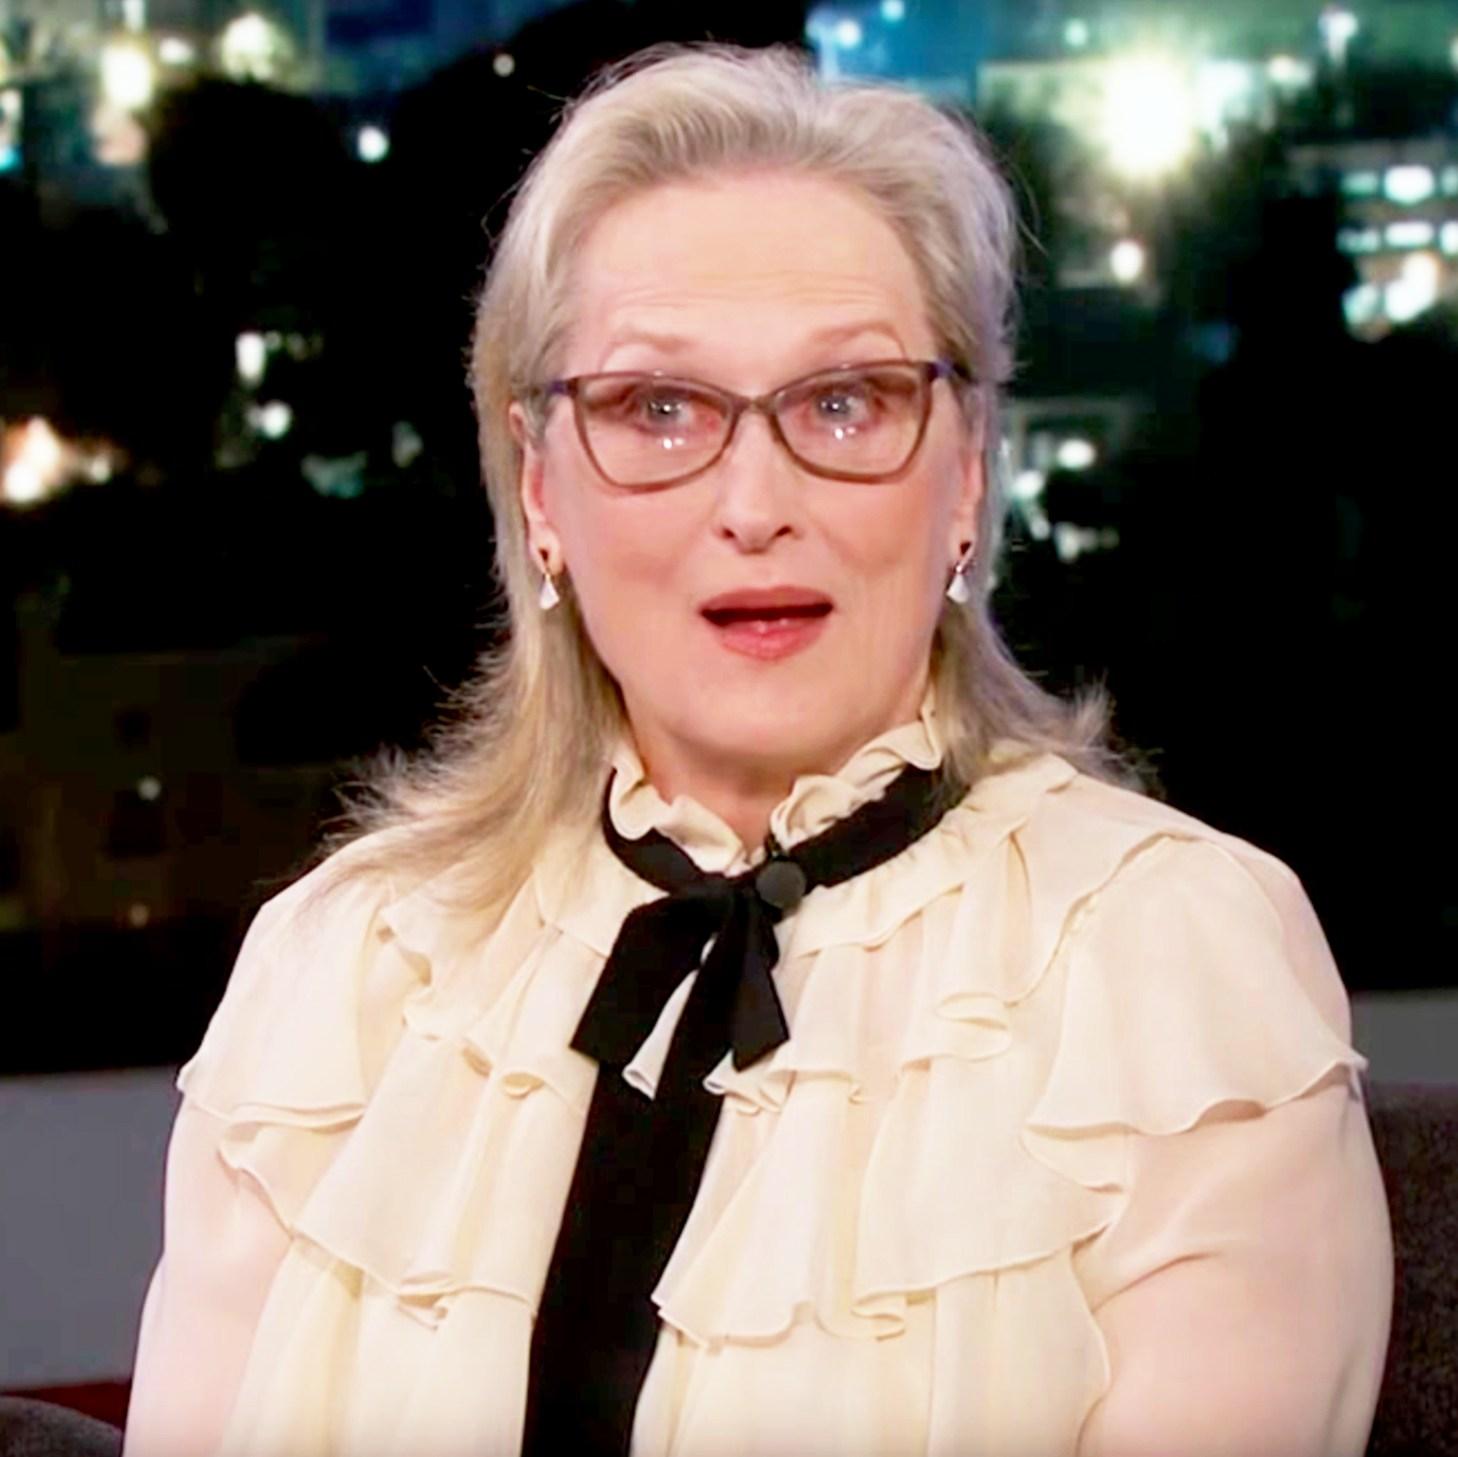 Meryl Streep on 'Jimmy Kimmel Live'